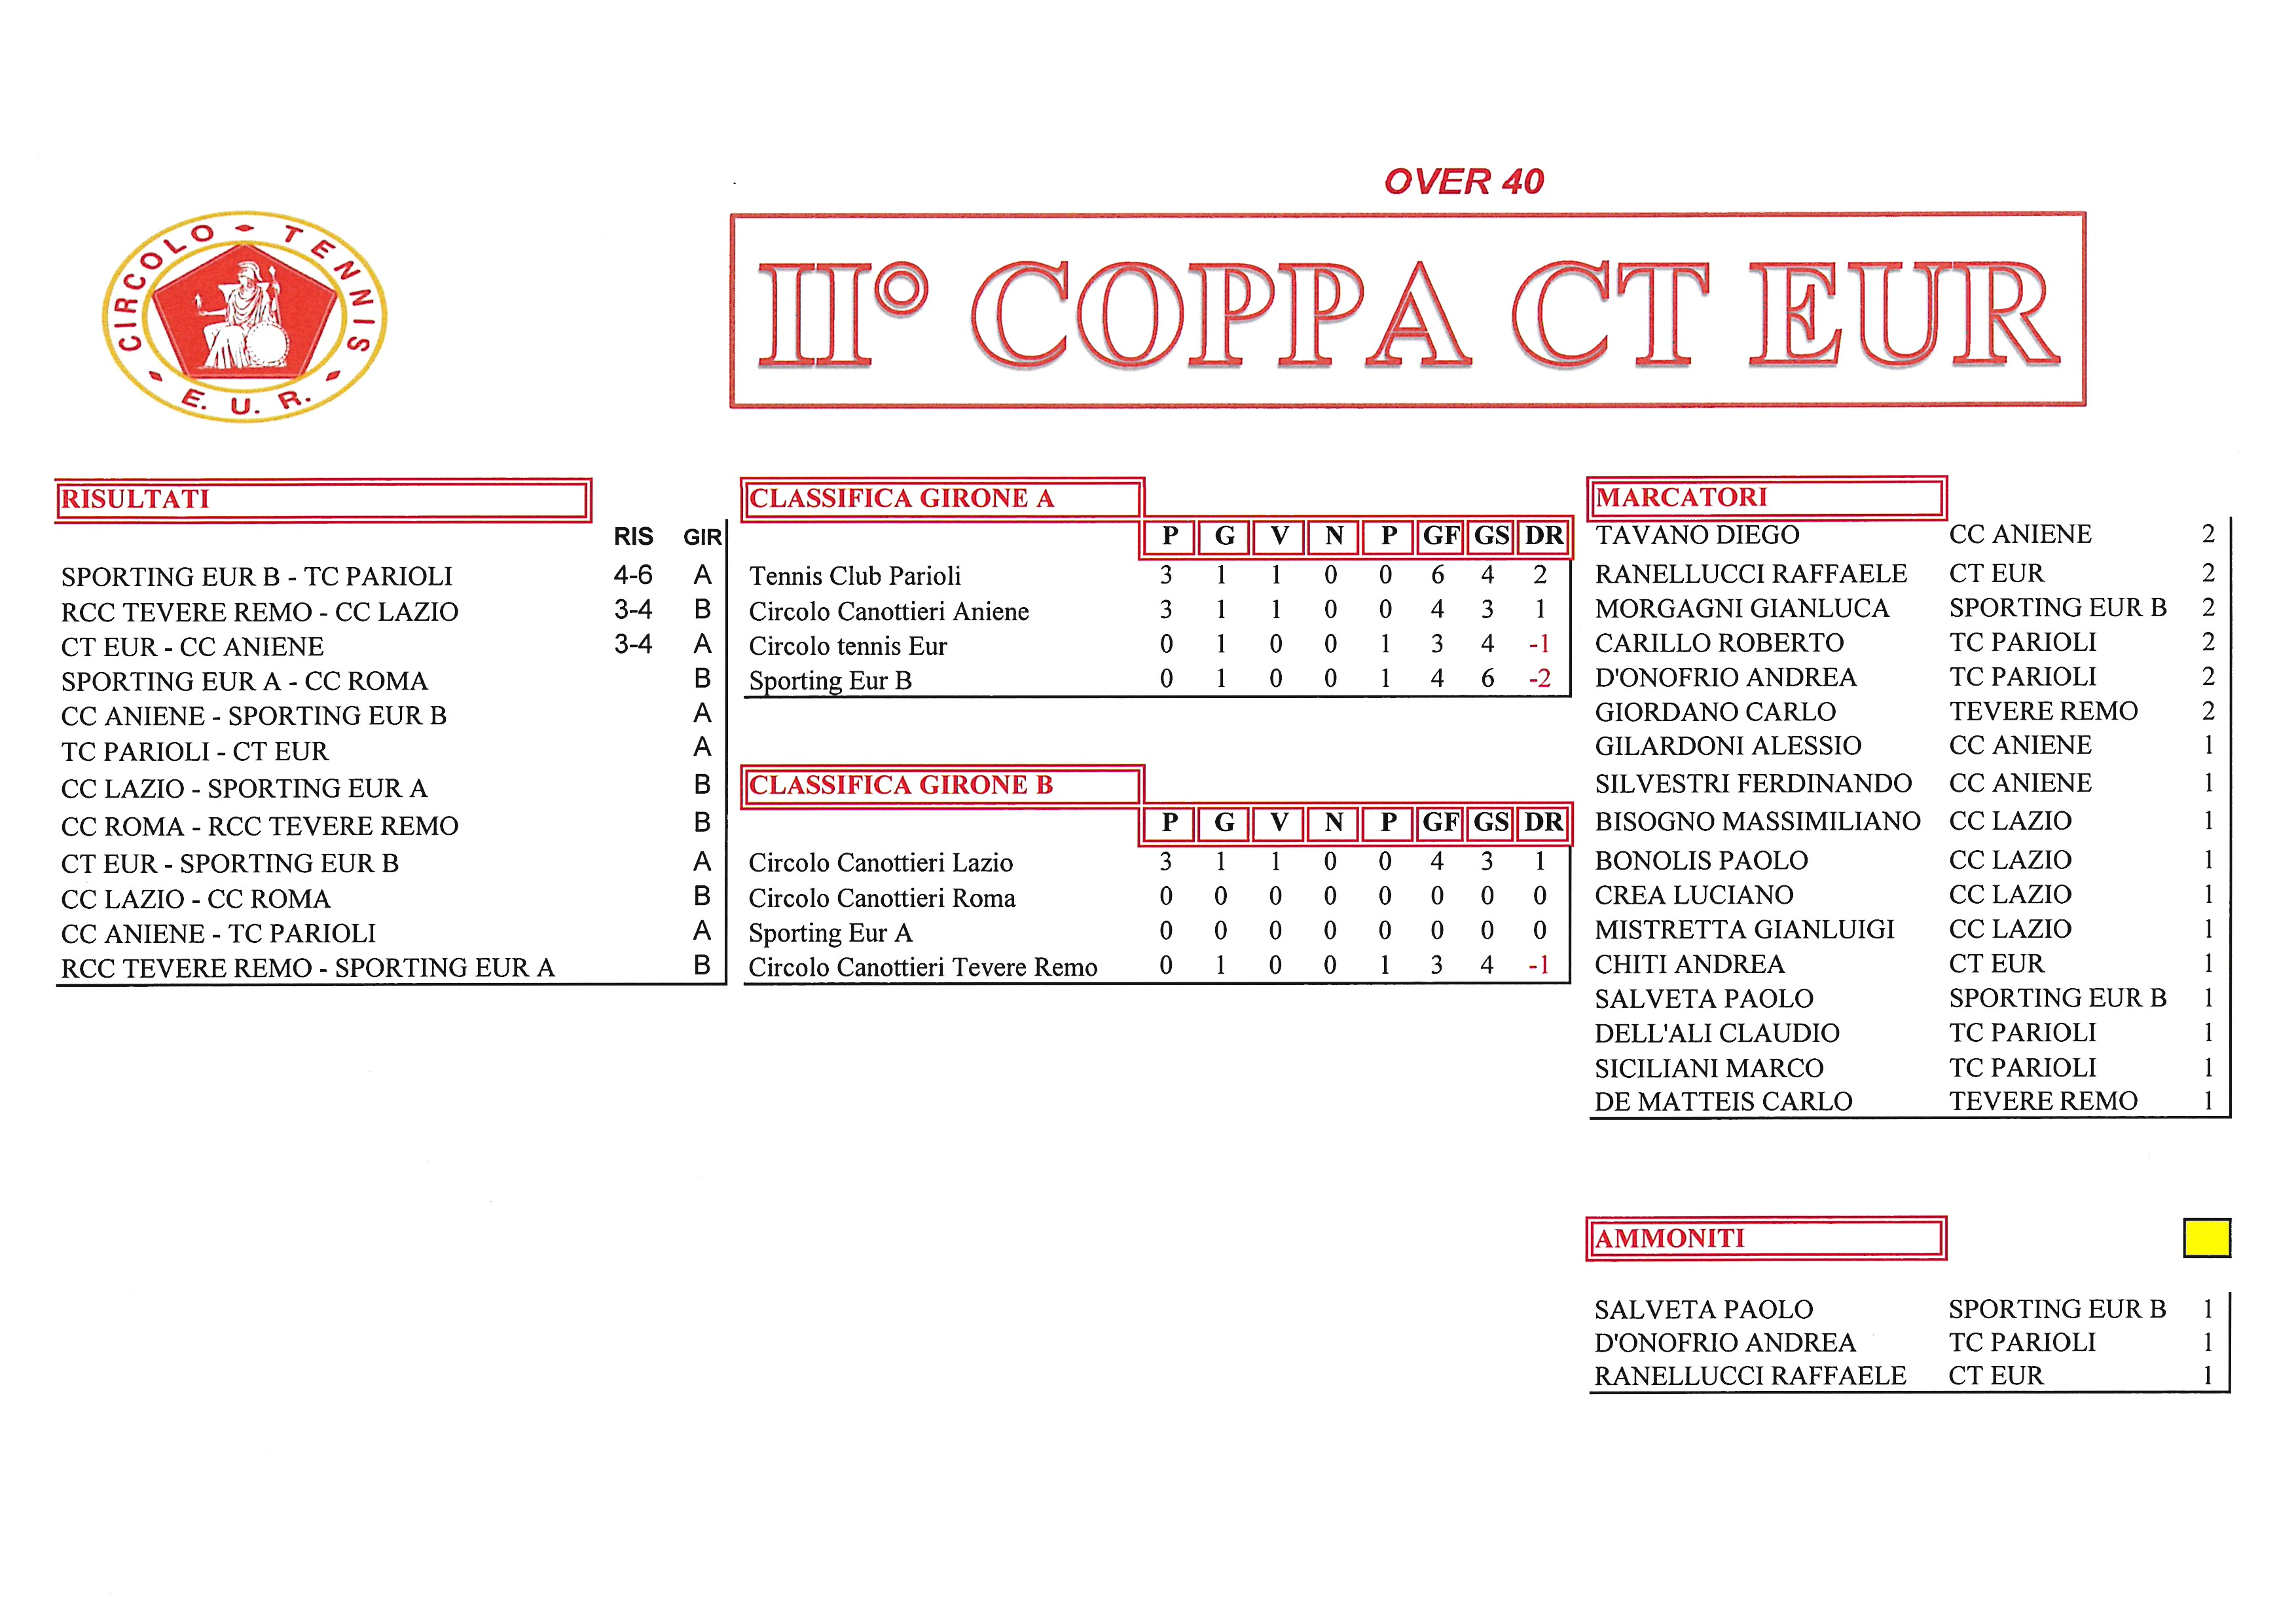 Coppa CT Eur risultati del 21 settembre2017 over 40